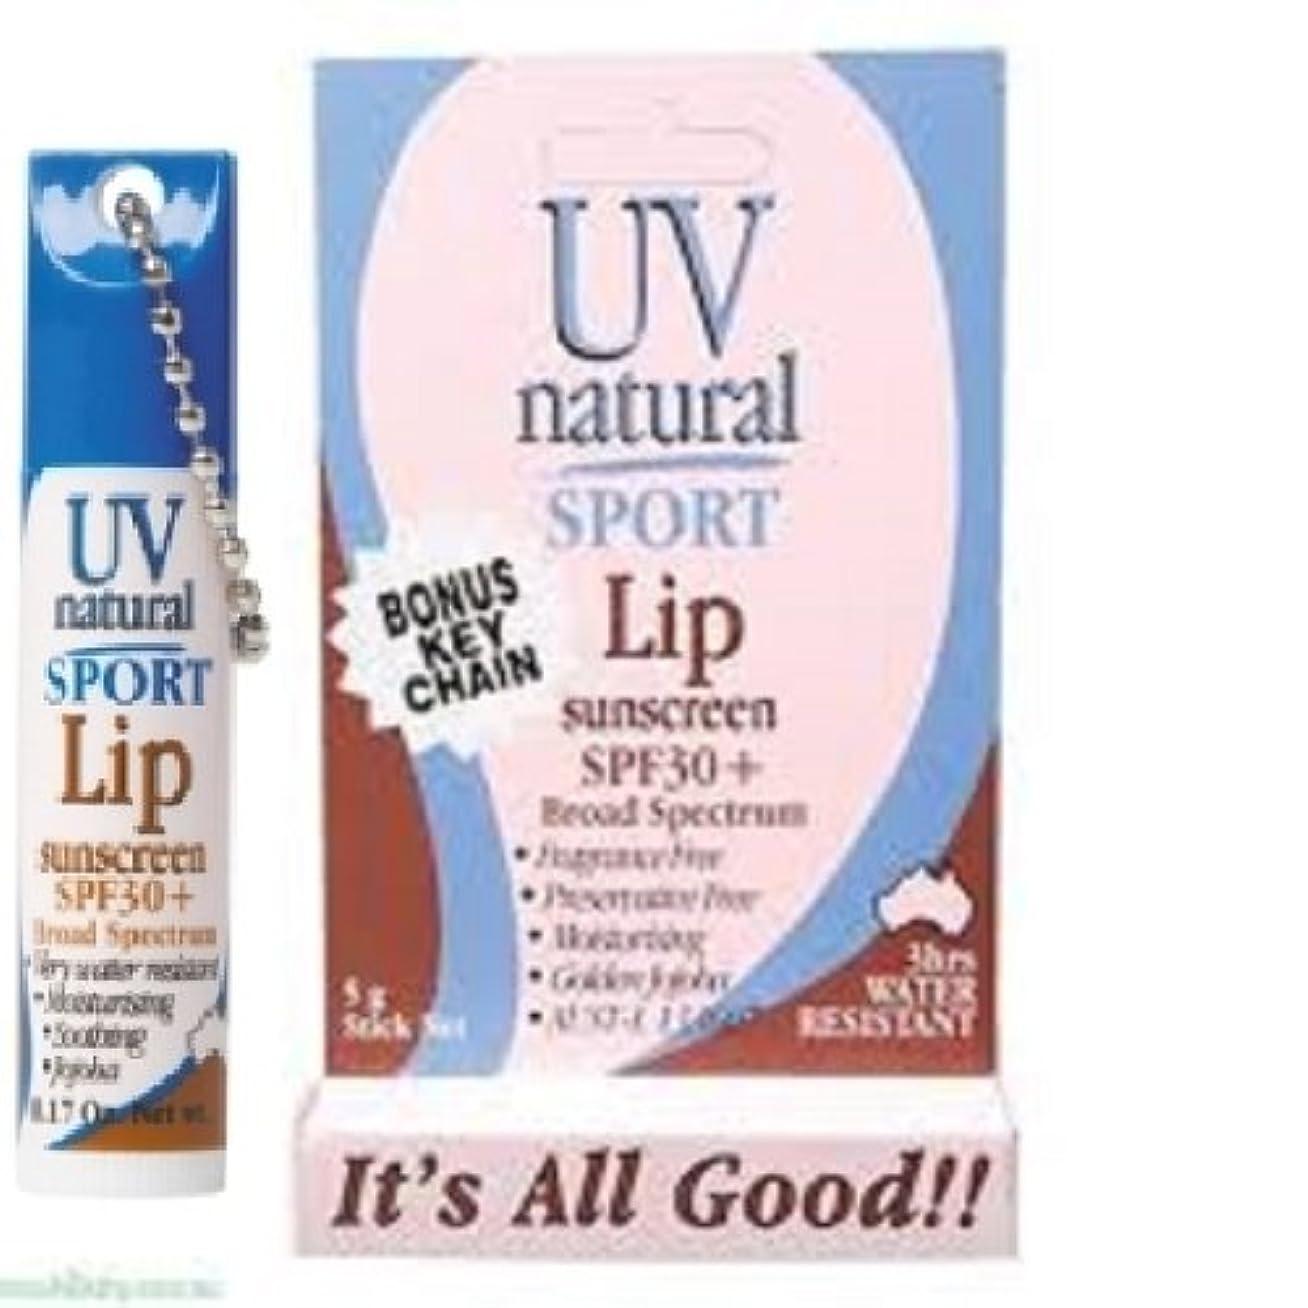 貸し手イル石油【UV NATURAL】Lip Sunscreen 日焼け止め Sport SPF30+ 5g 3本セット